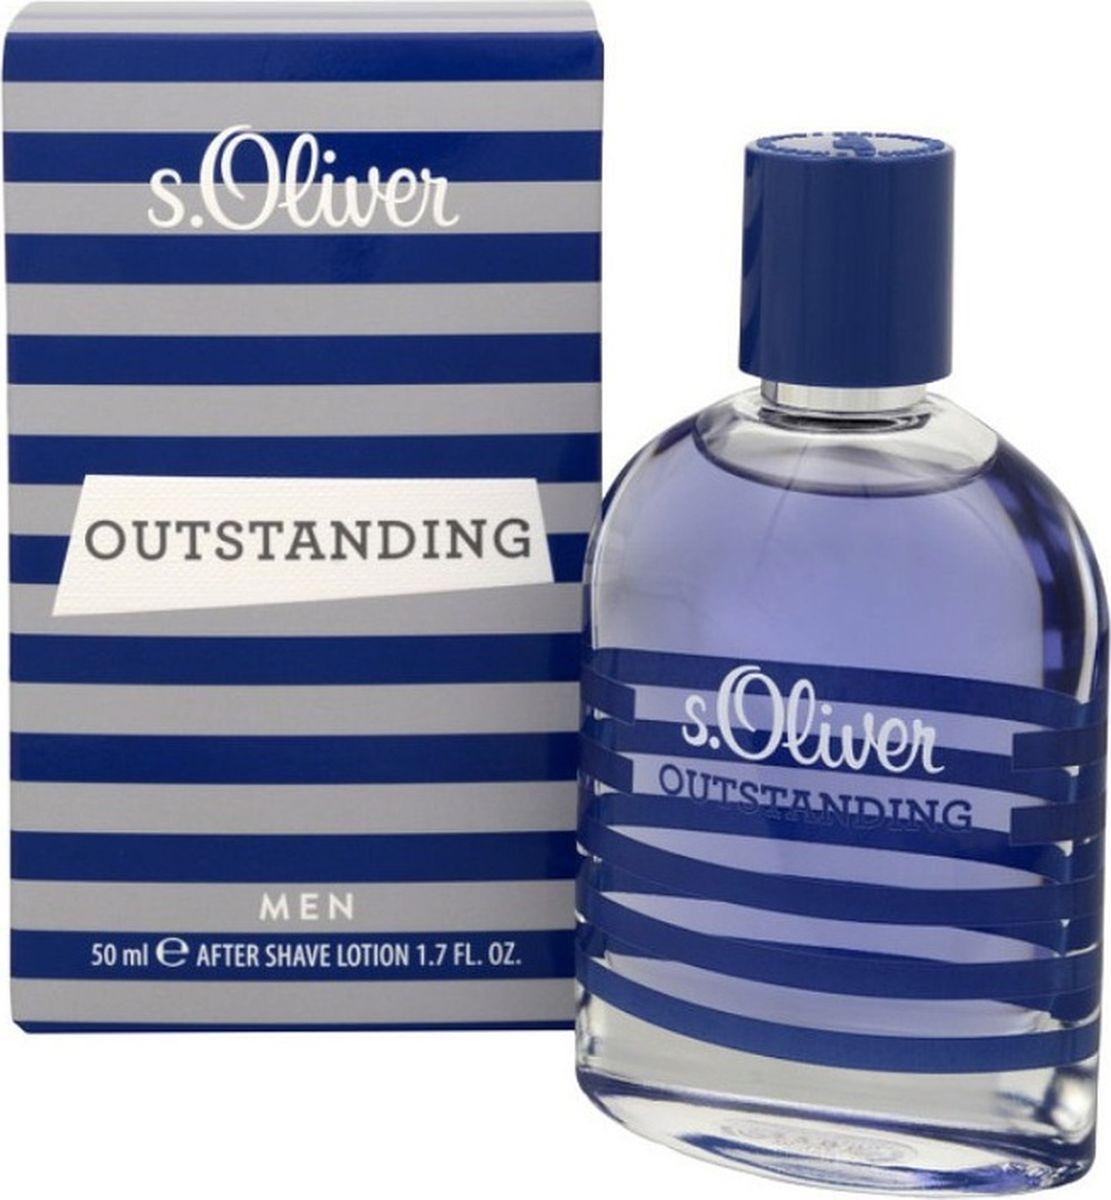 S.oliver Outstanding Men Туалетная вода 50 мл191116Outstanding Men s.Oliver - это аромат для мужчин, принадлежит к группе ароматов древесные фужерные. s.Oliver Outstanding дарит уникальную возможность наслаждаться нестандартным стилем, создавать собственный мир.